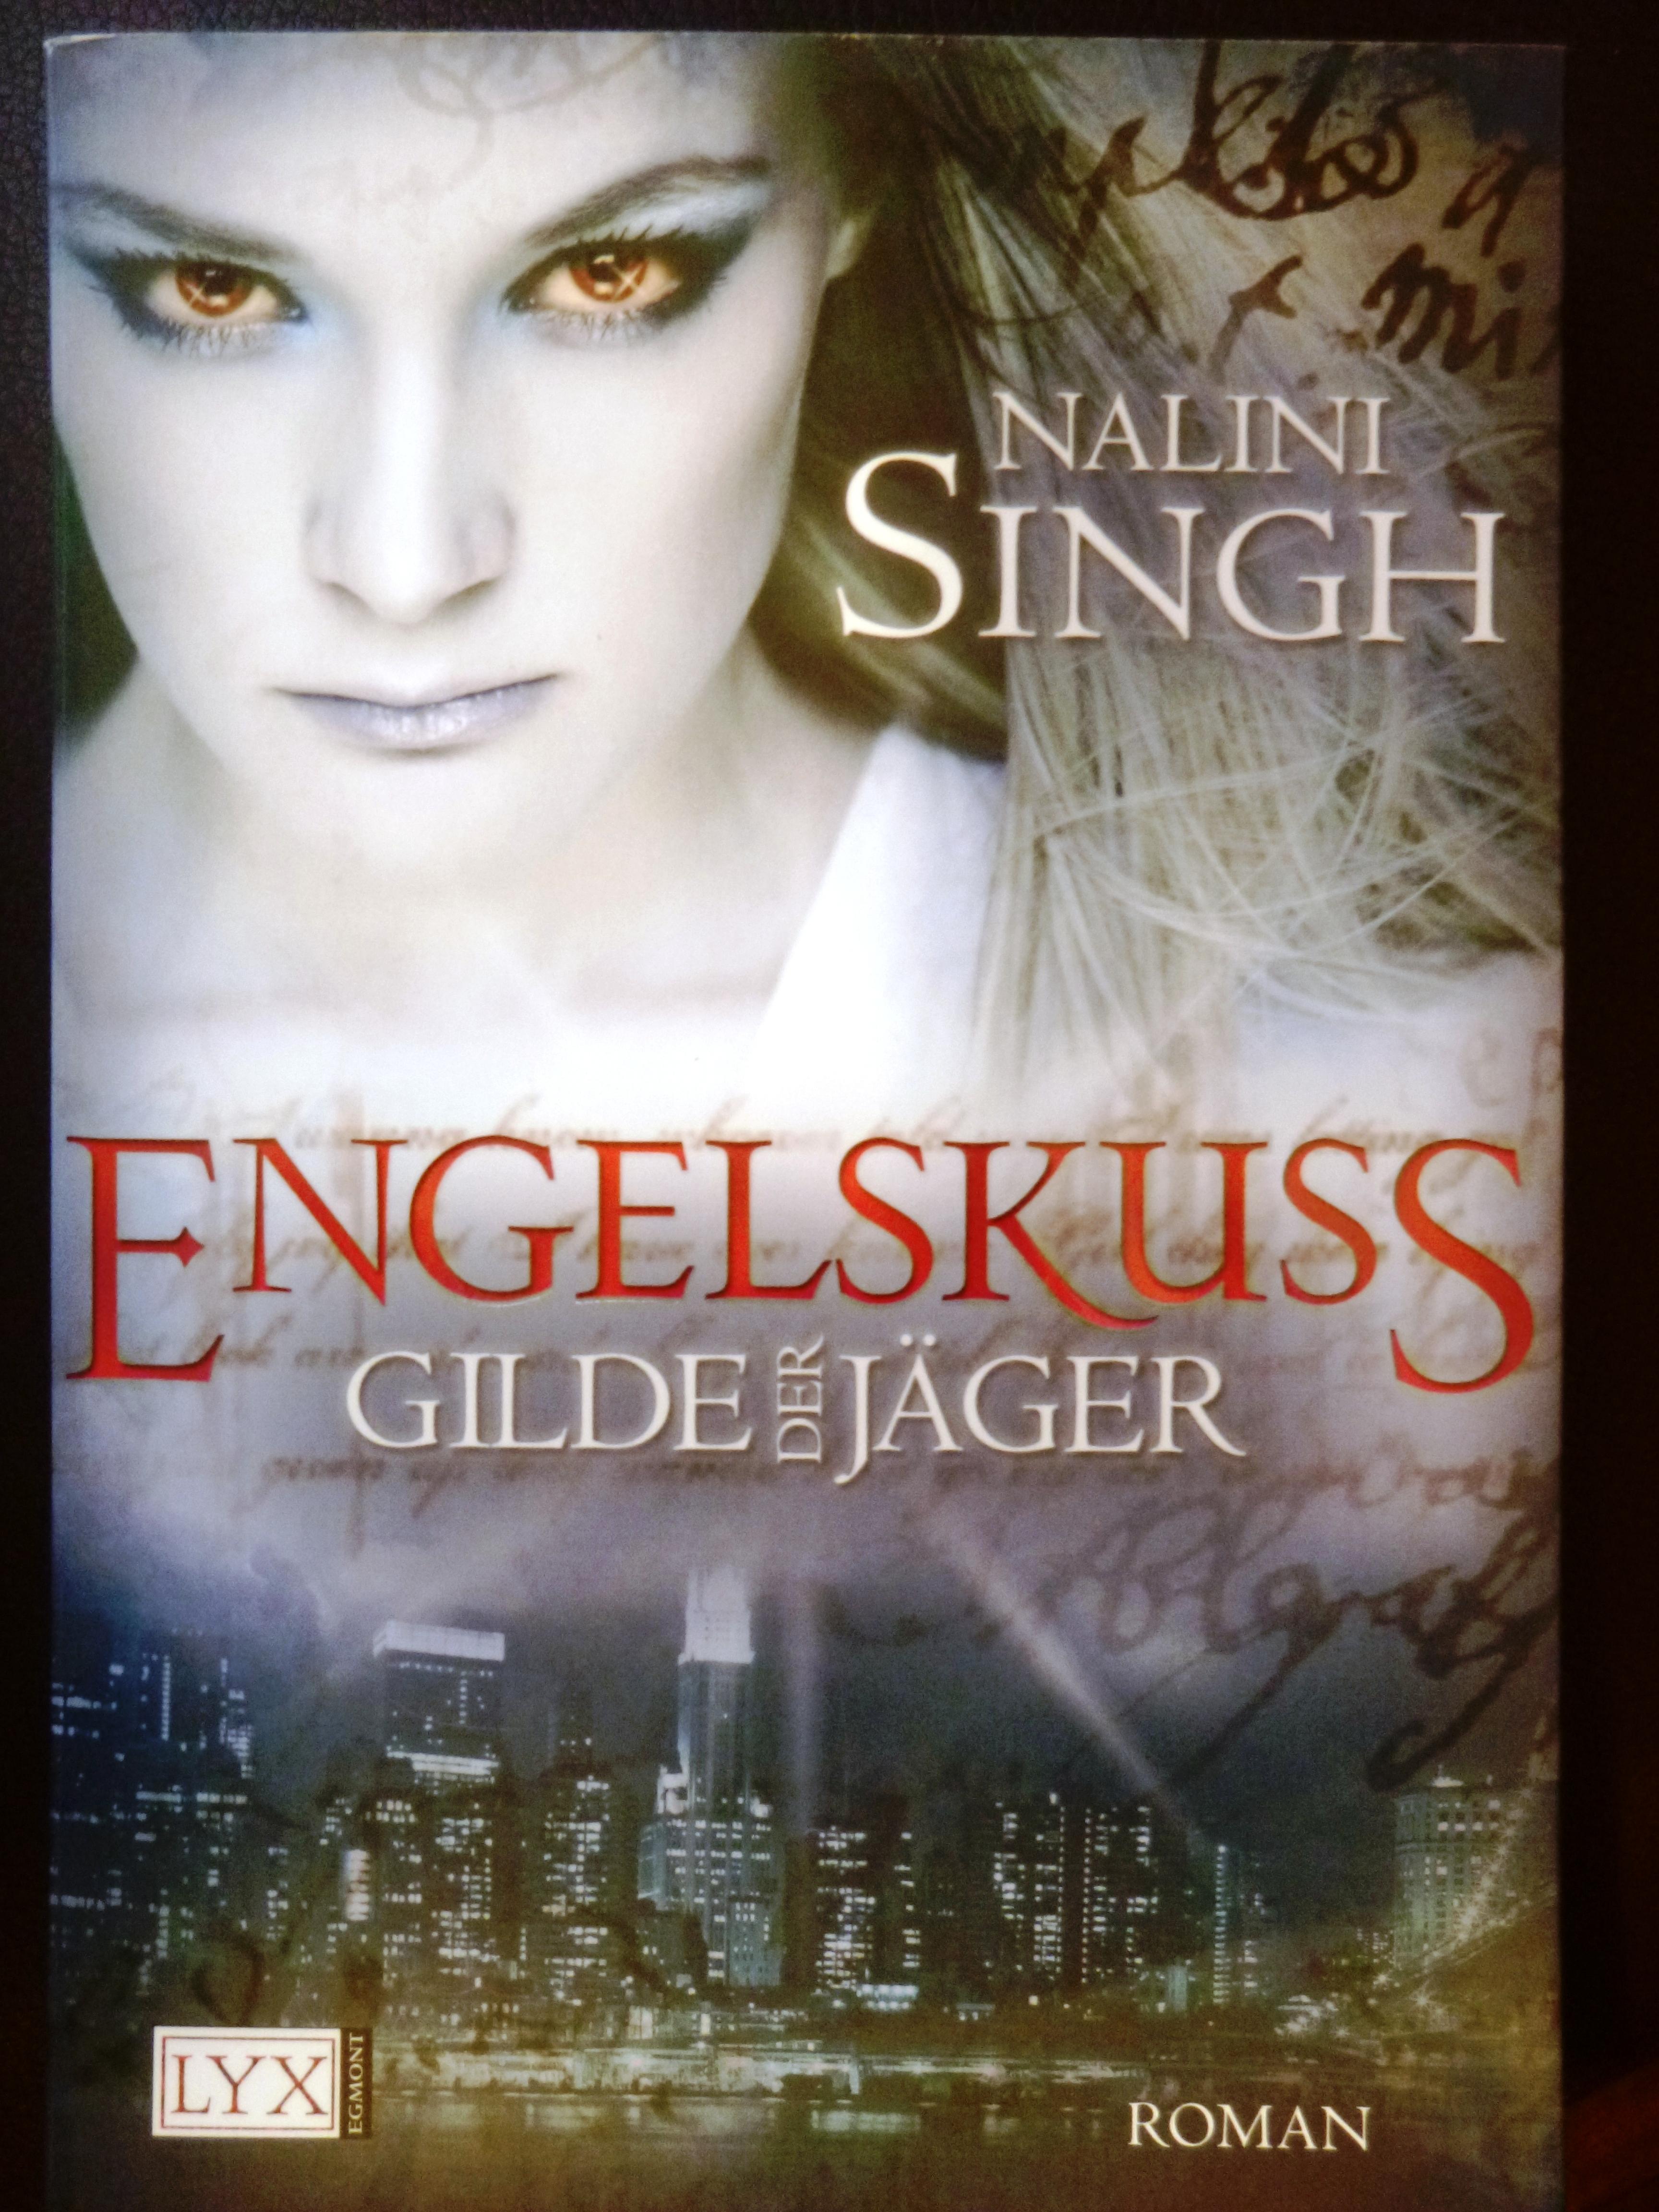 Engelskuss_Nalini Singh